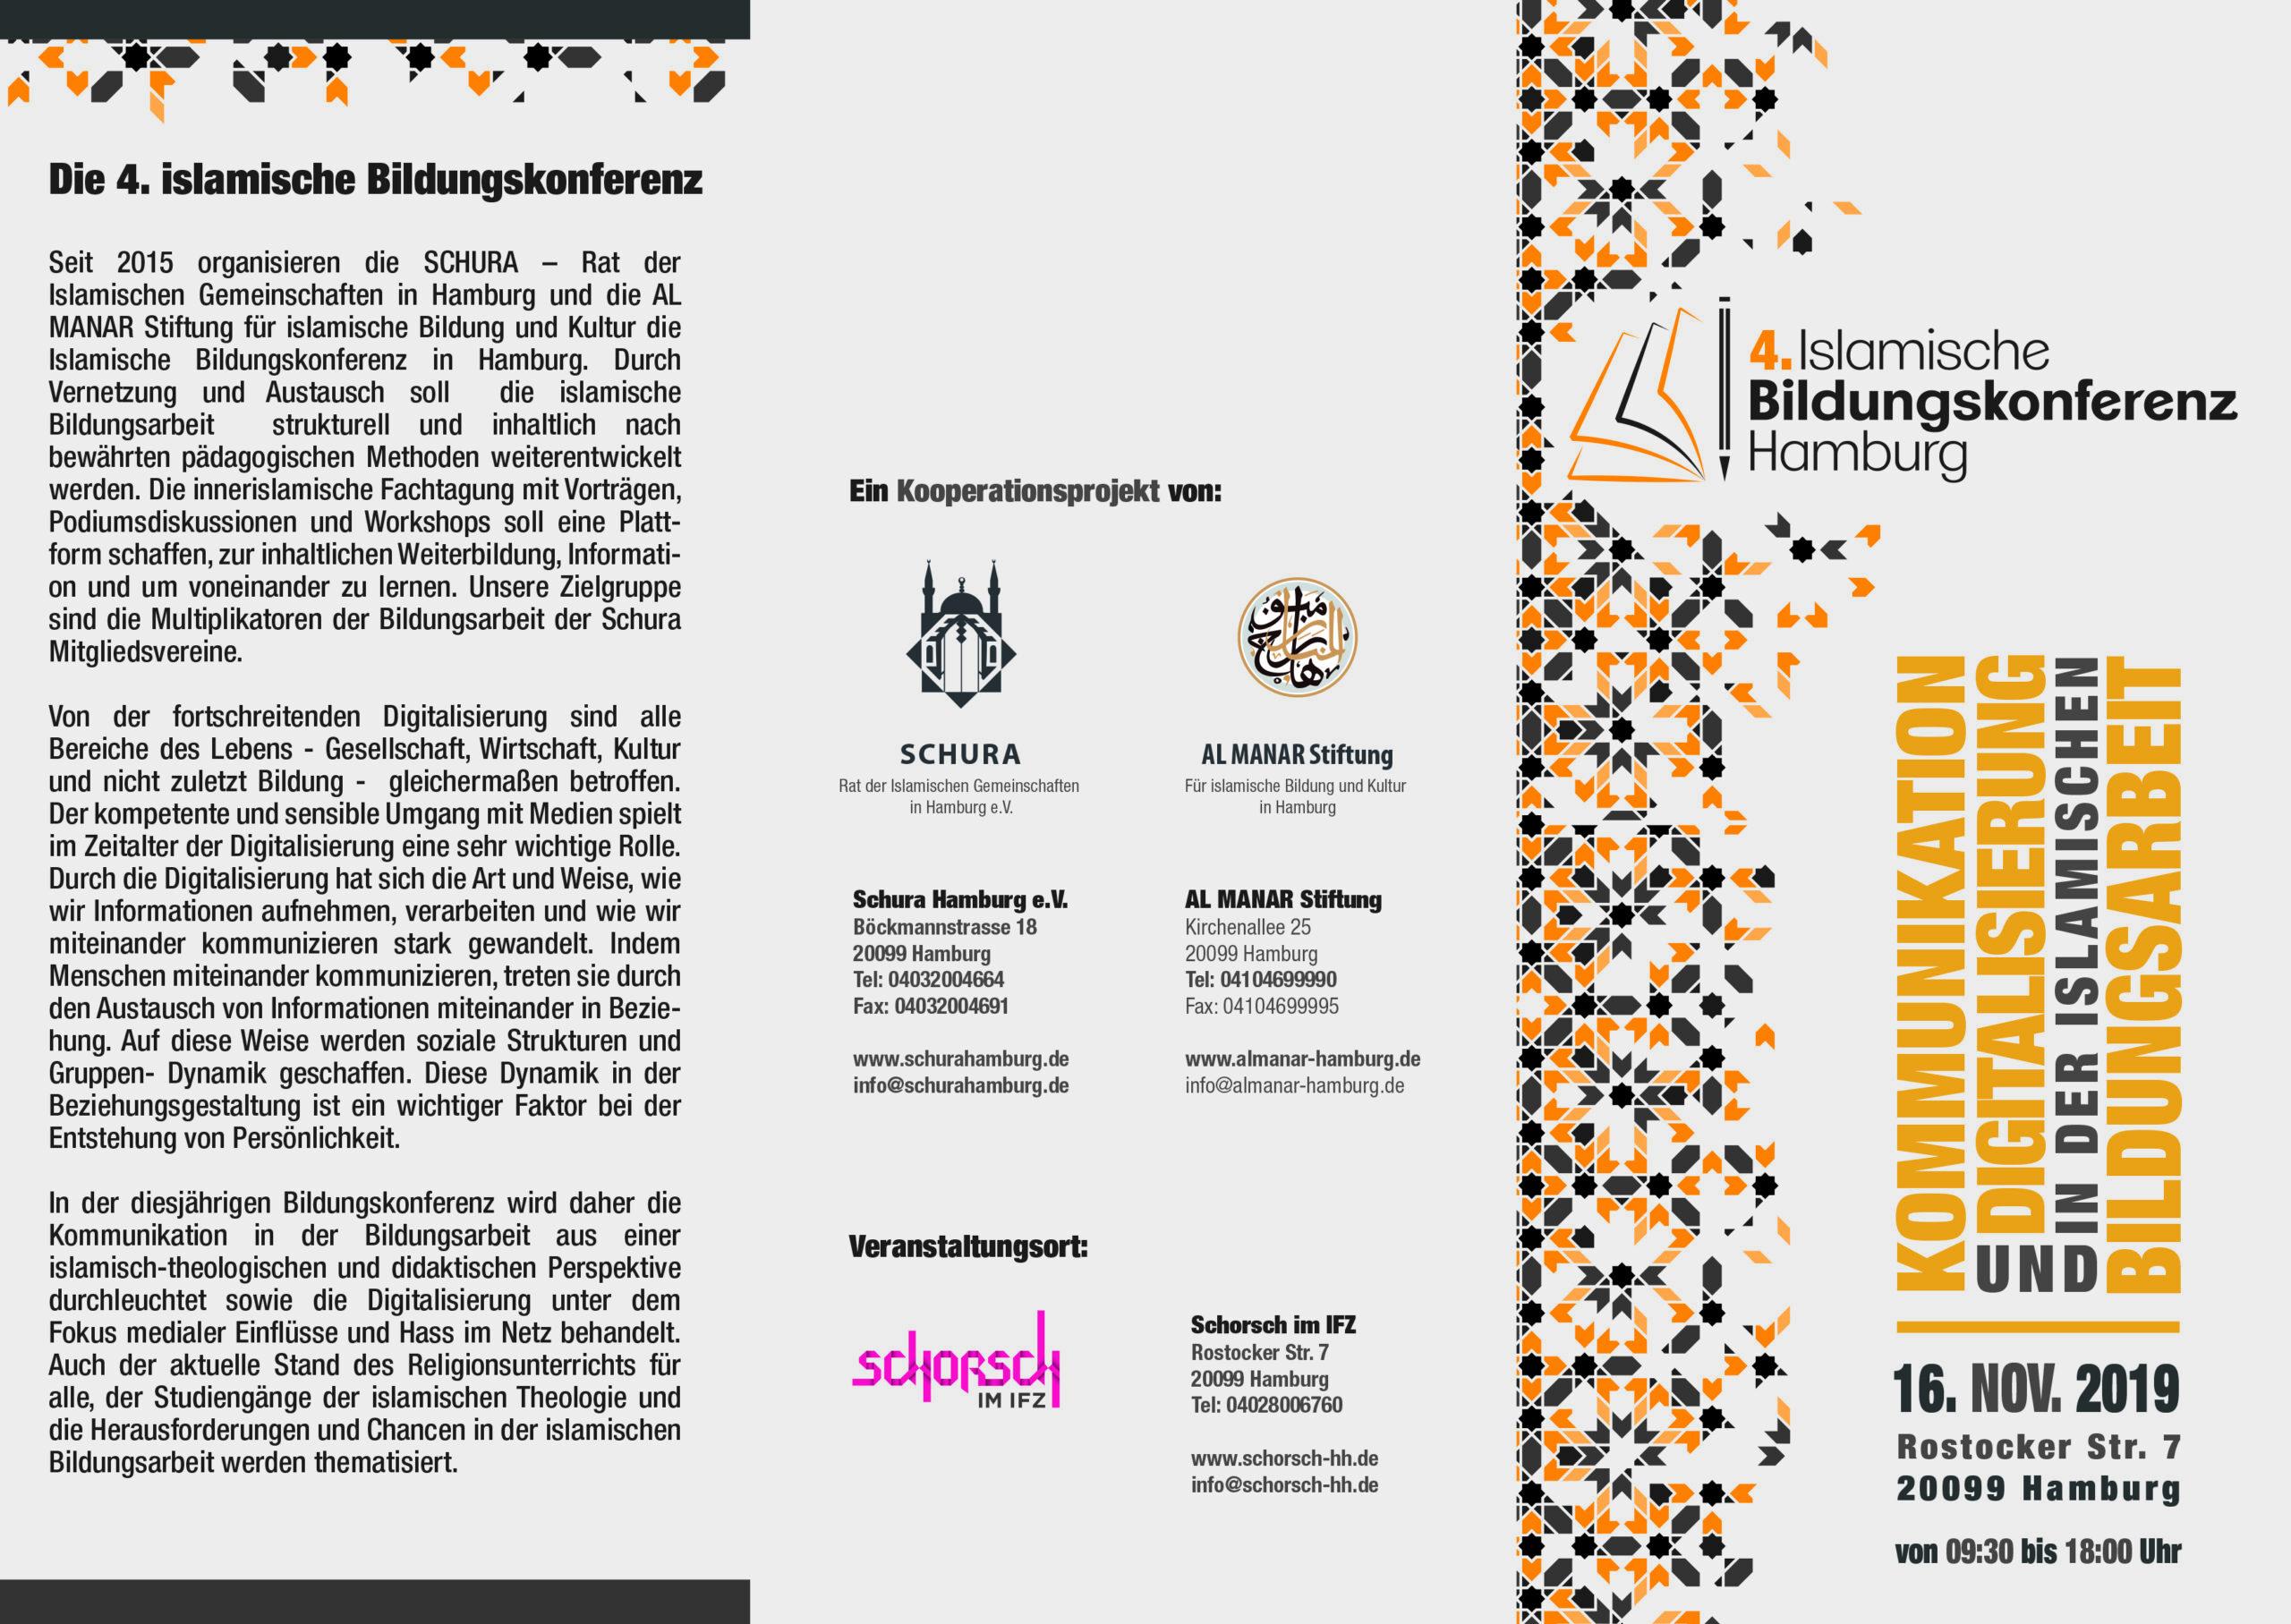 Die 4. iBiKo - islamische Bildungskonferenz